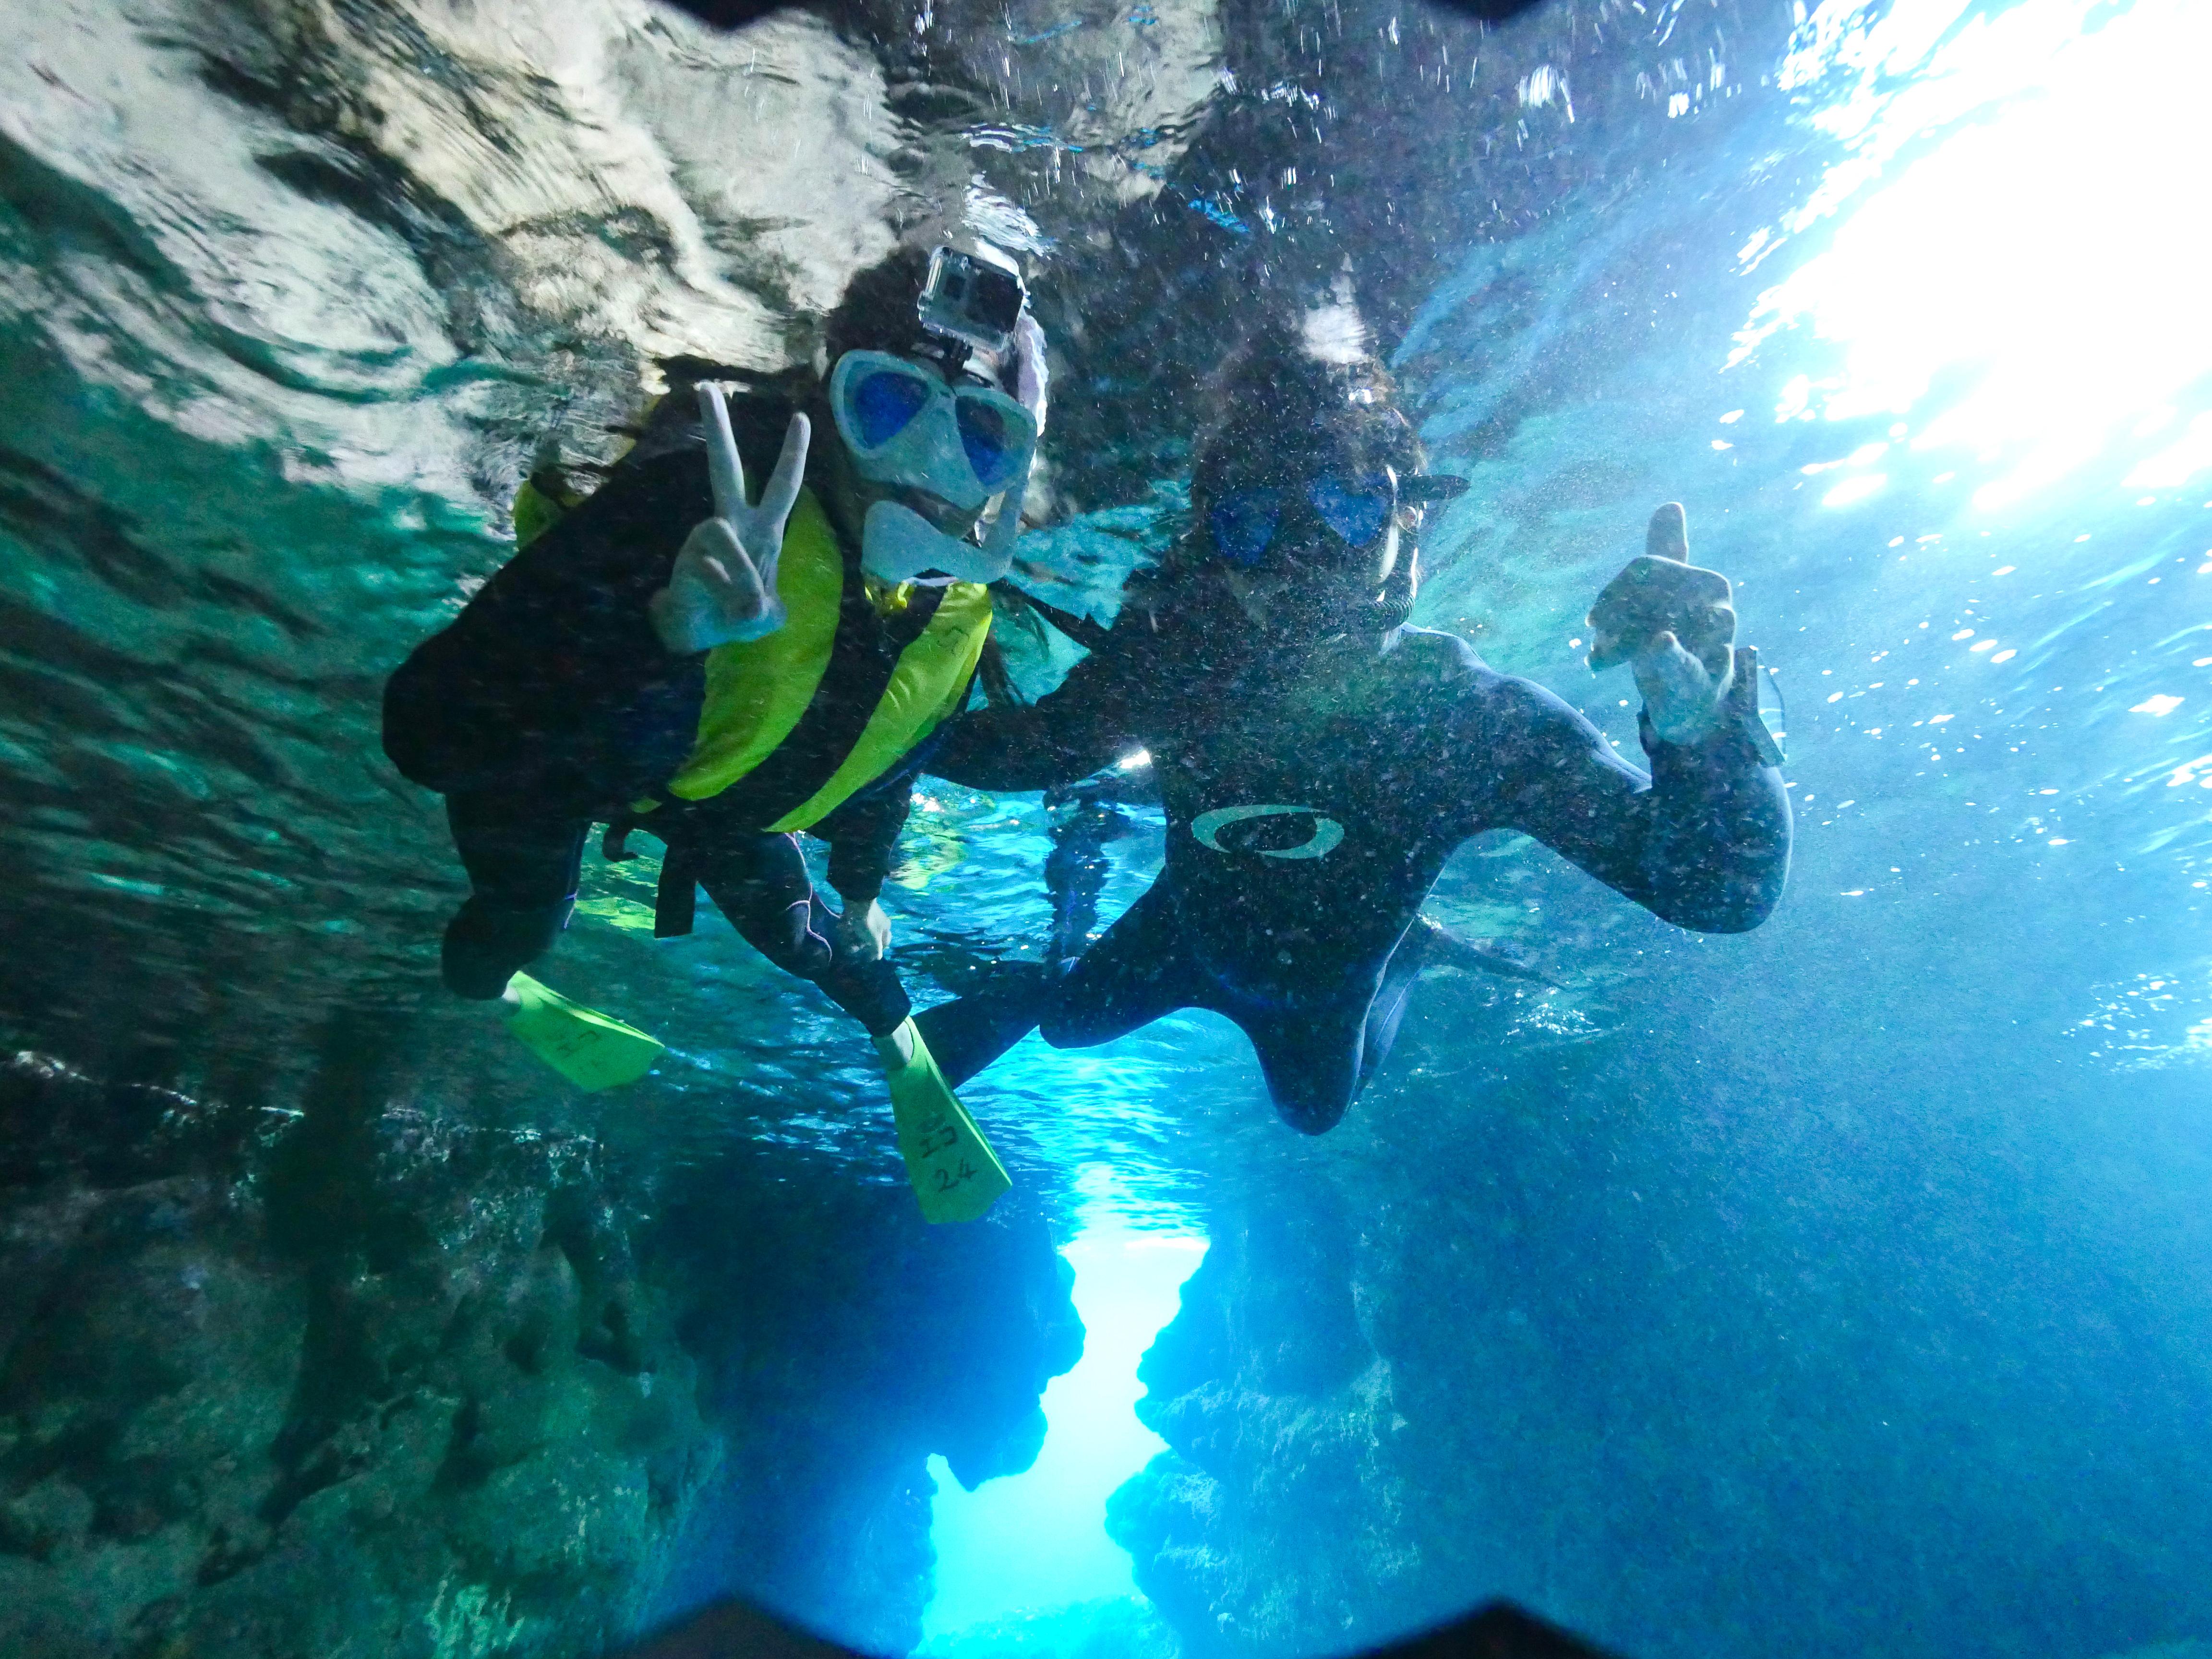 カップルで青の洞窟シュノーケリング体験